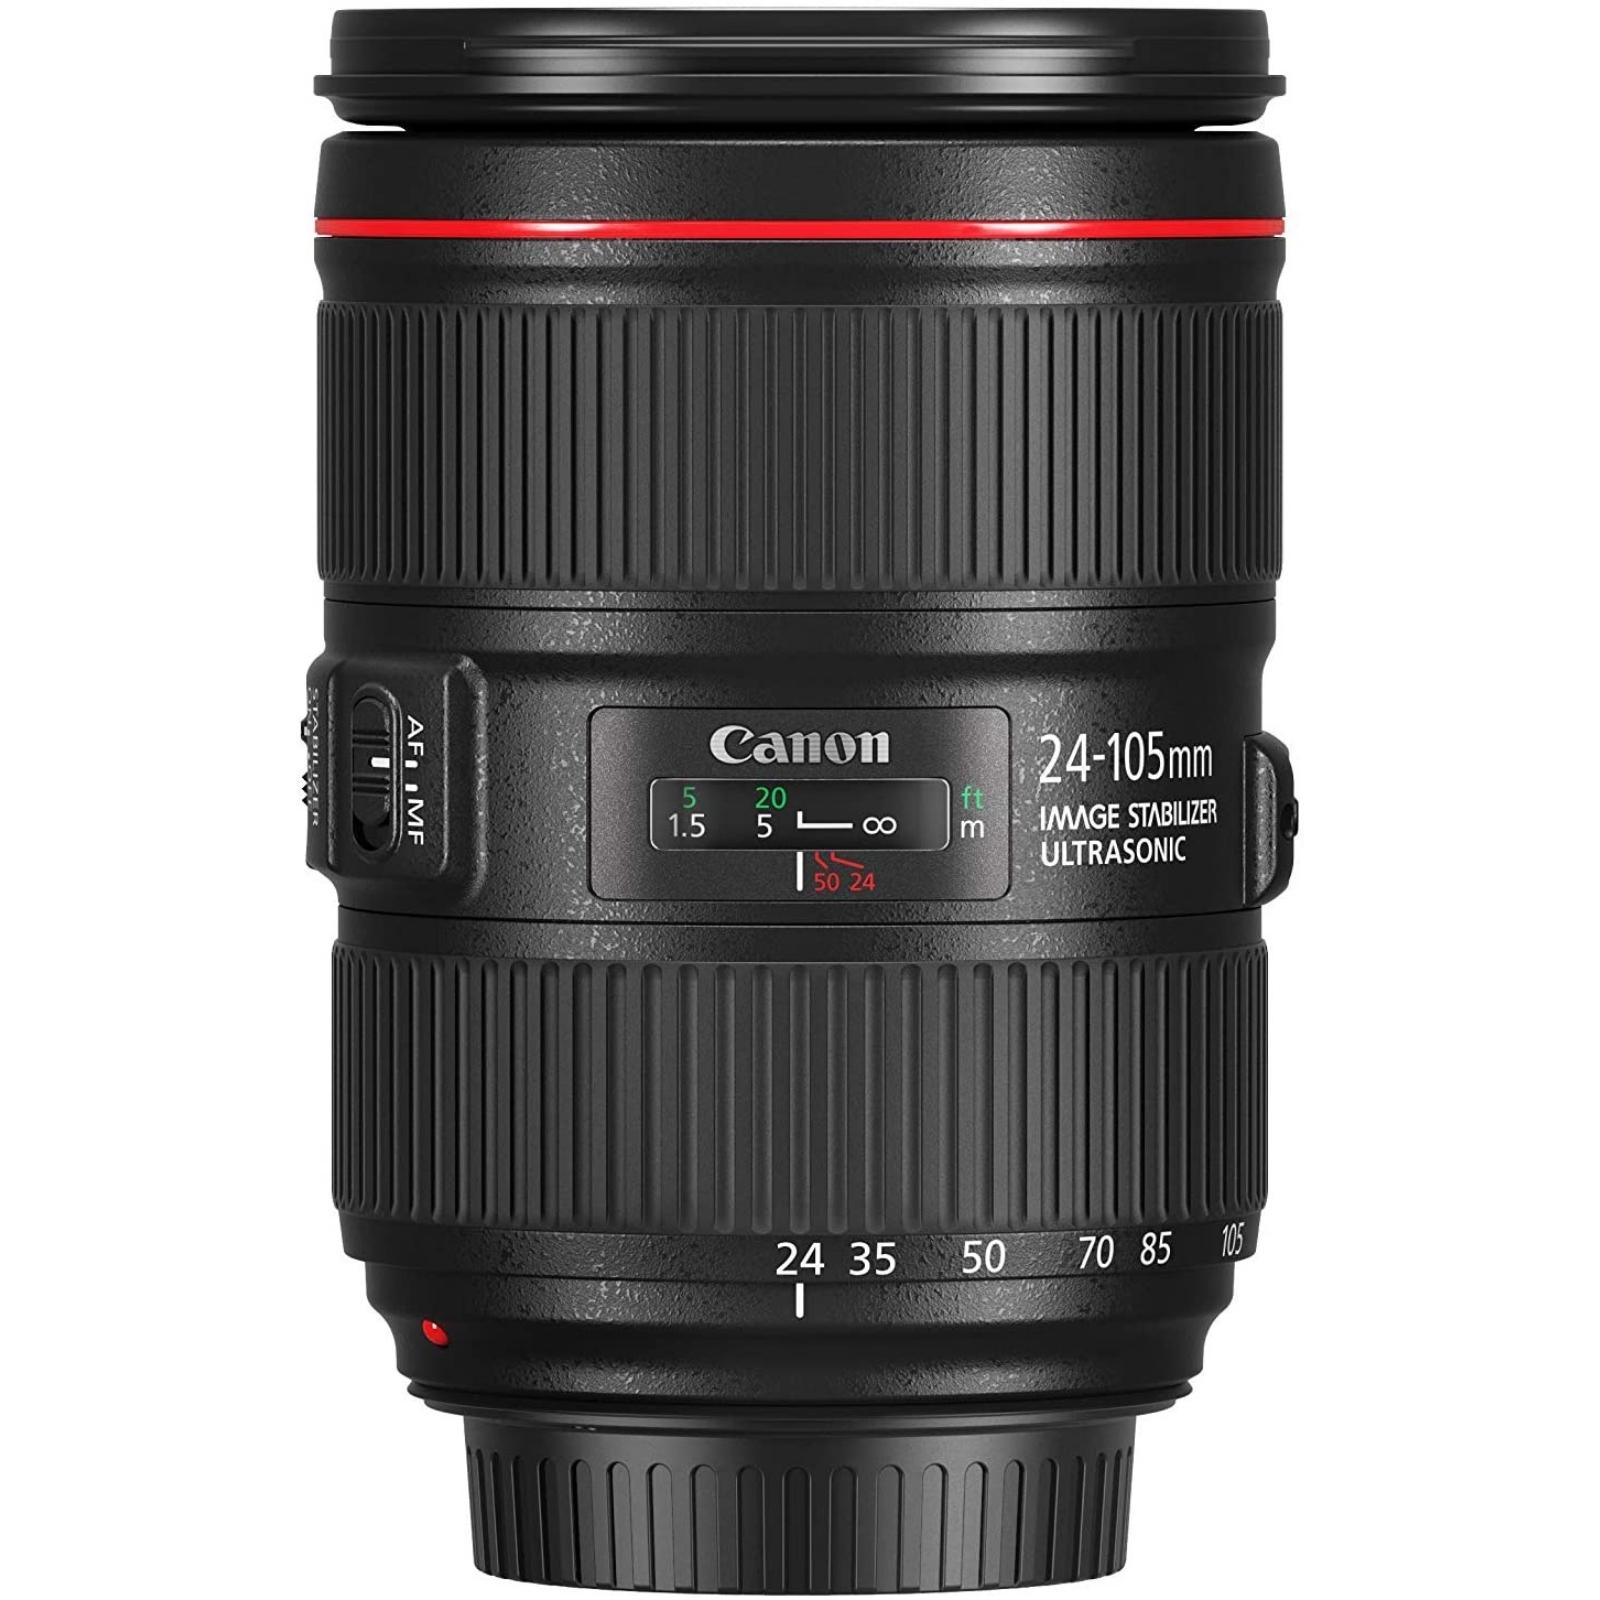 Canon キヤノン 標準ズームレンズ EF24-105mm F4L IS II USM ブラック 新品 (並行輸入品、保証付き、簡易箱)